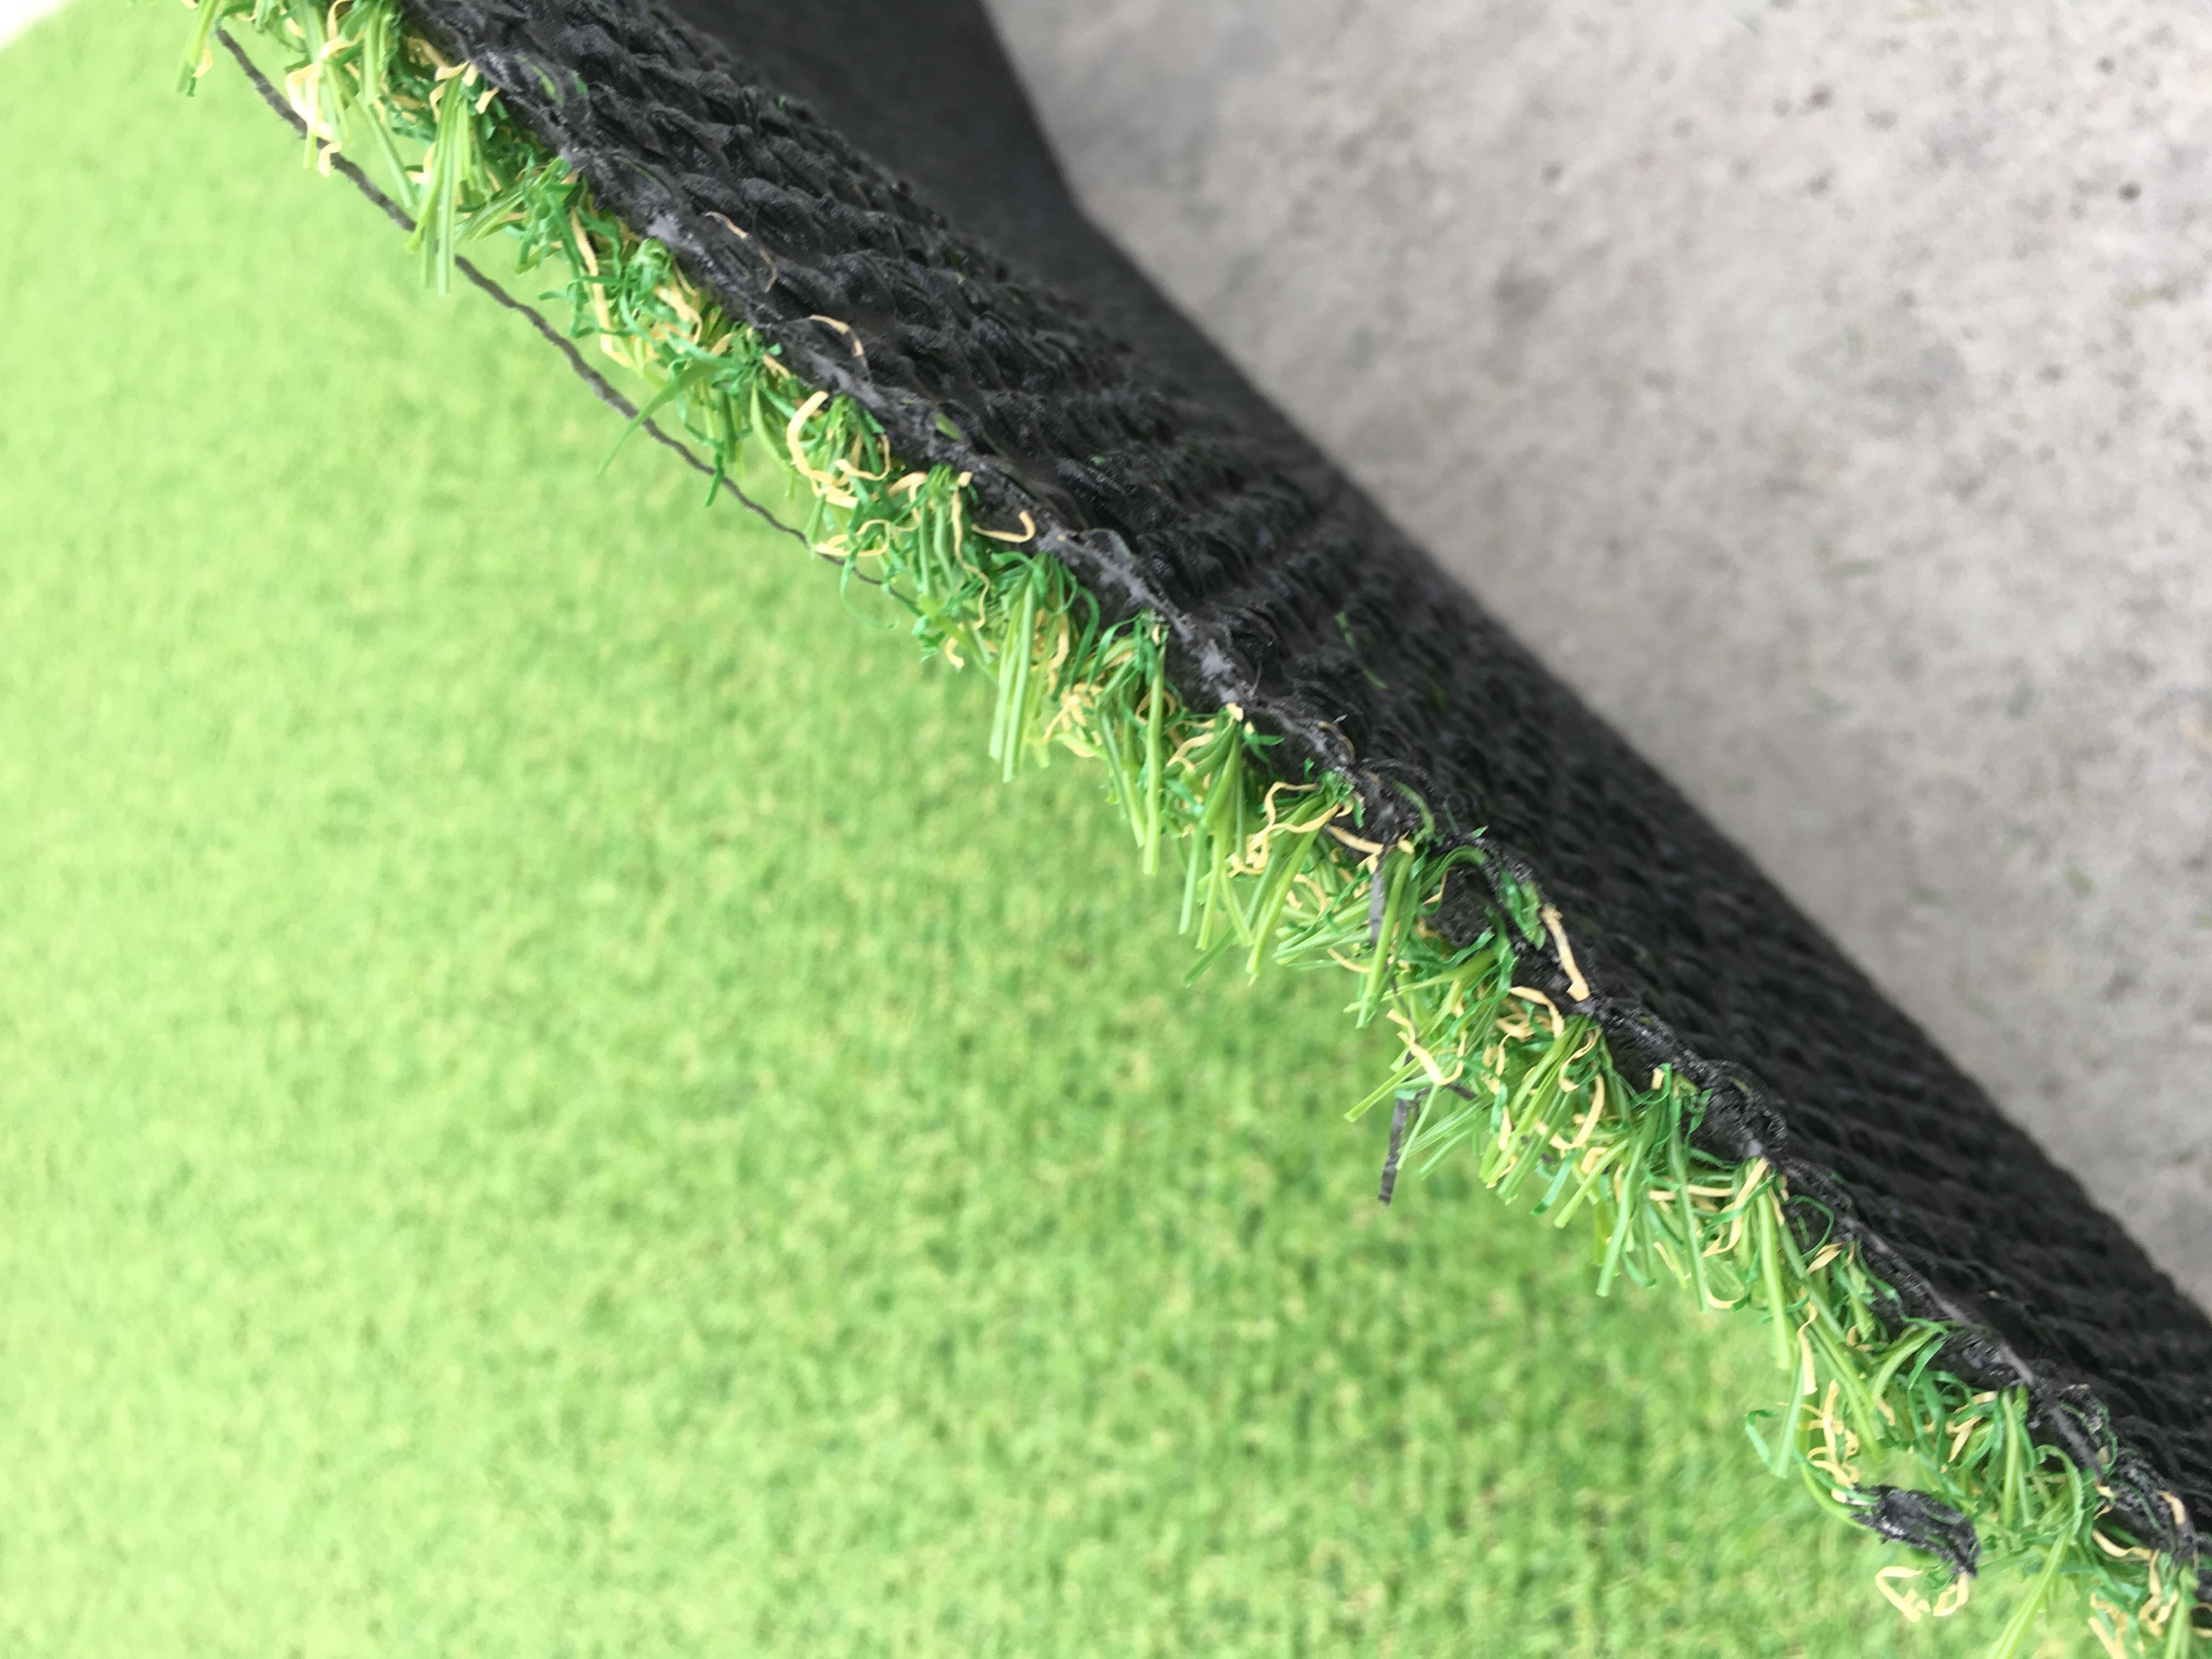 Covor Iarba Artificiala, Tip Gazon, Verde, Natura, 100% Polipropilena, 10 mm, 100x400 cm1